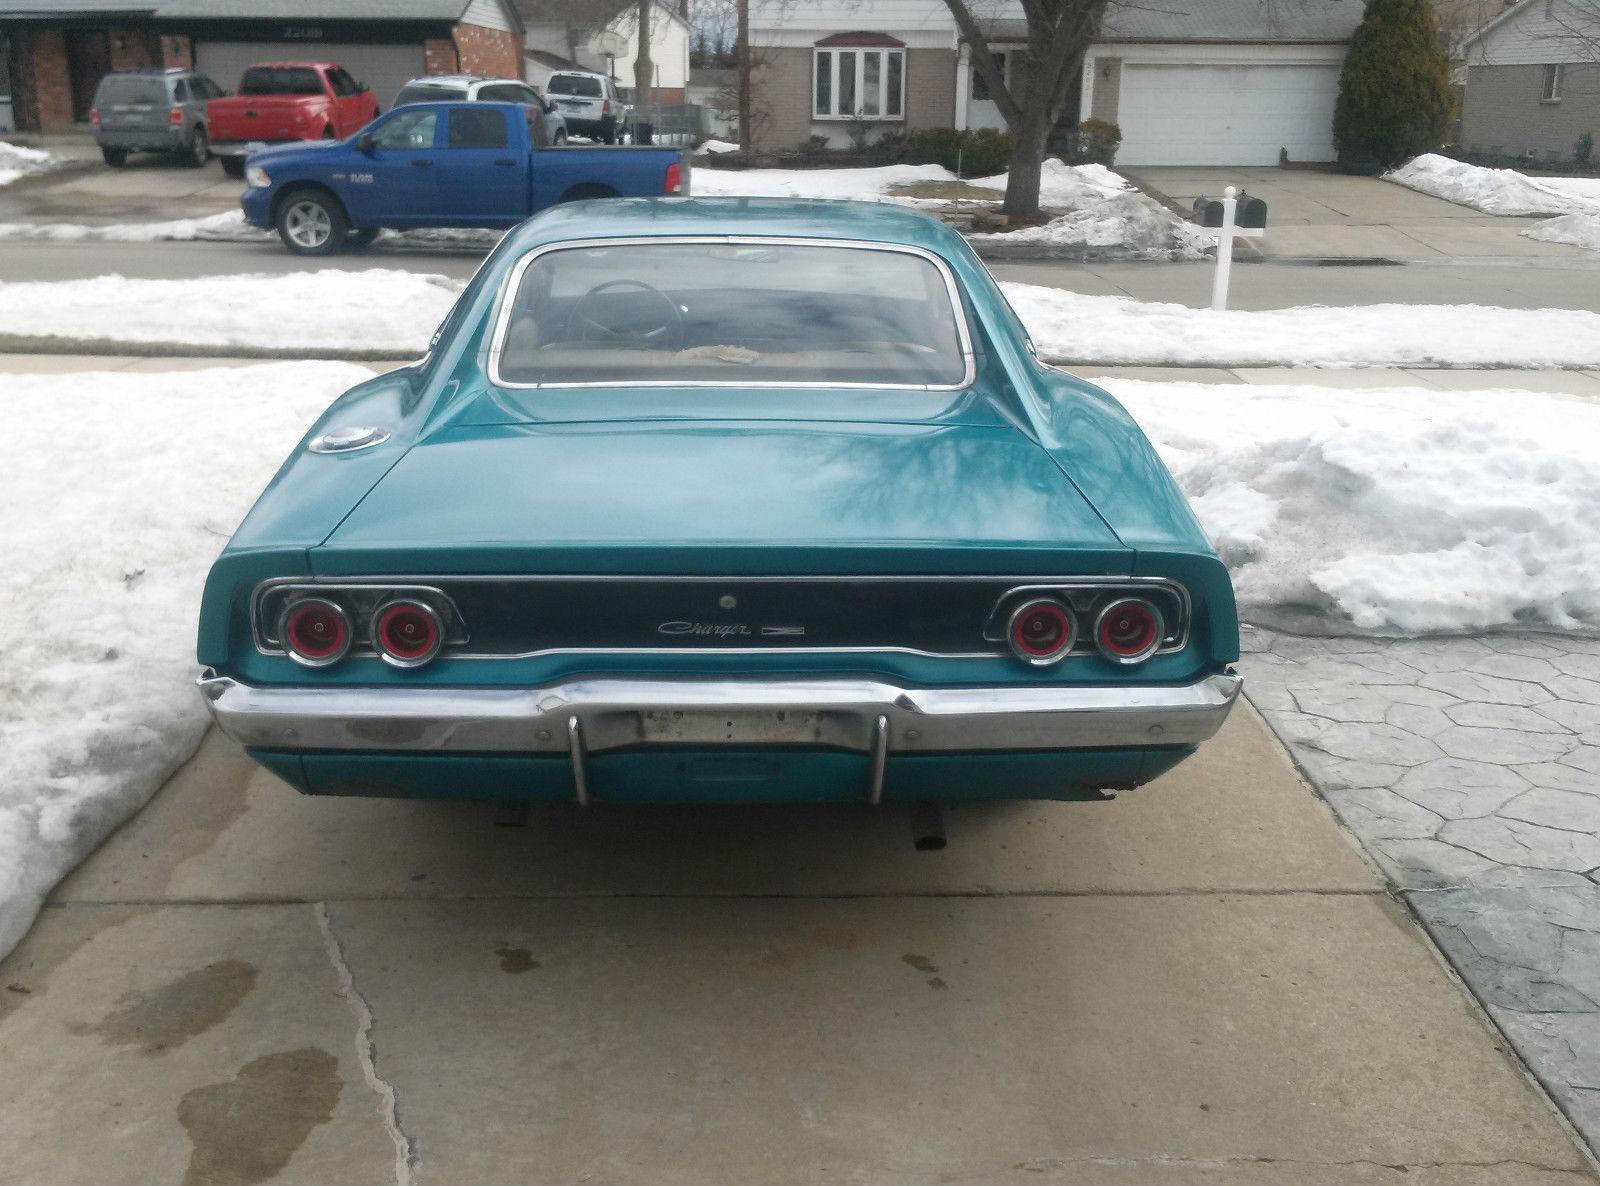 1968 Dodge Charger Survivor on eBay | Mopar Blog | 1600 x 1186 jpeg 268kB